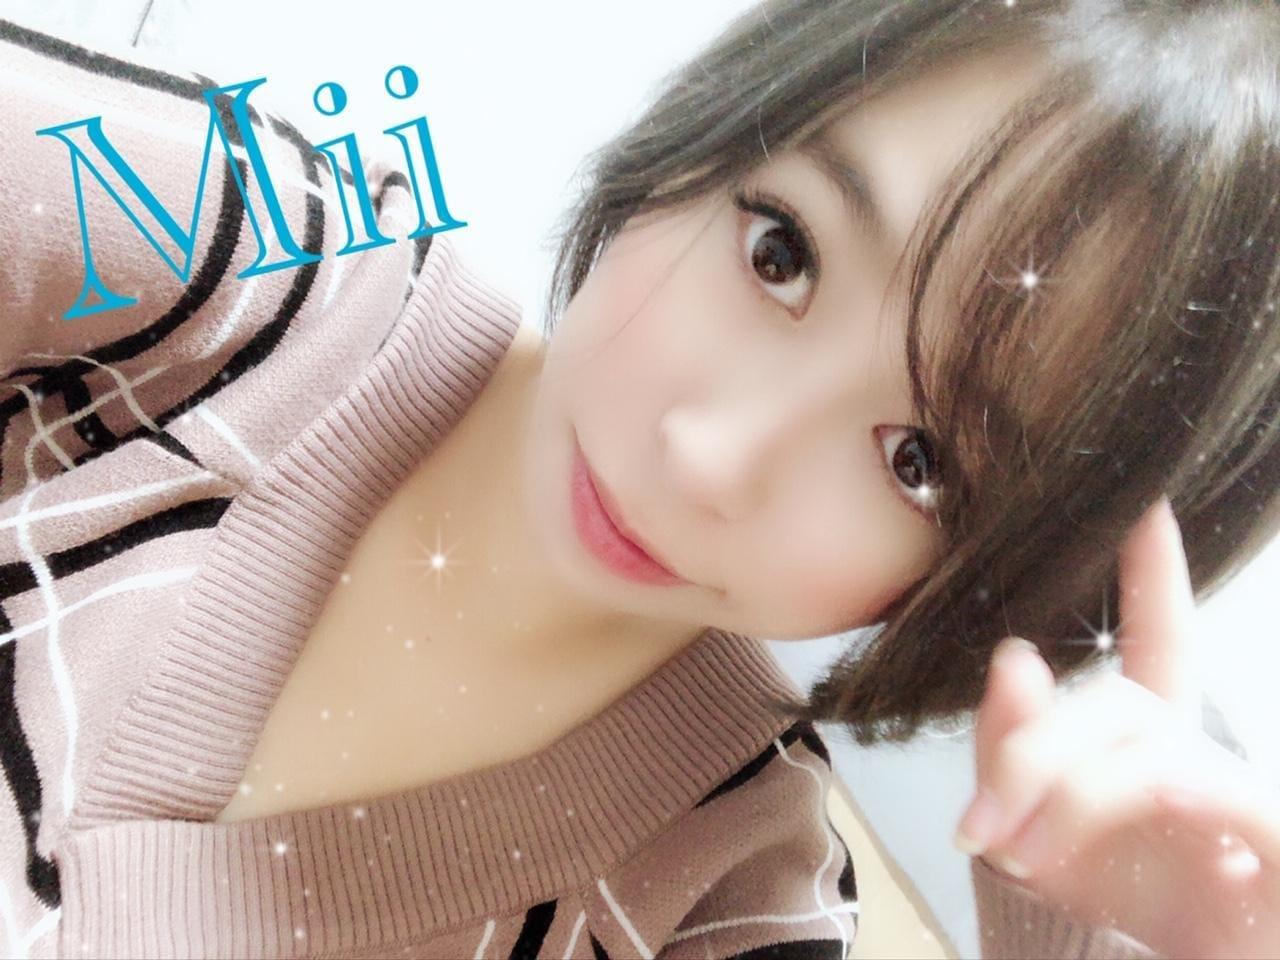 「たいきーん!」01/06(日) 08:50 | みいの写メ・風俗動画